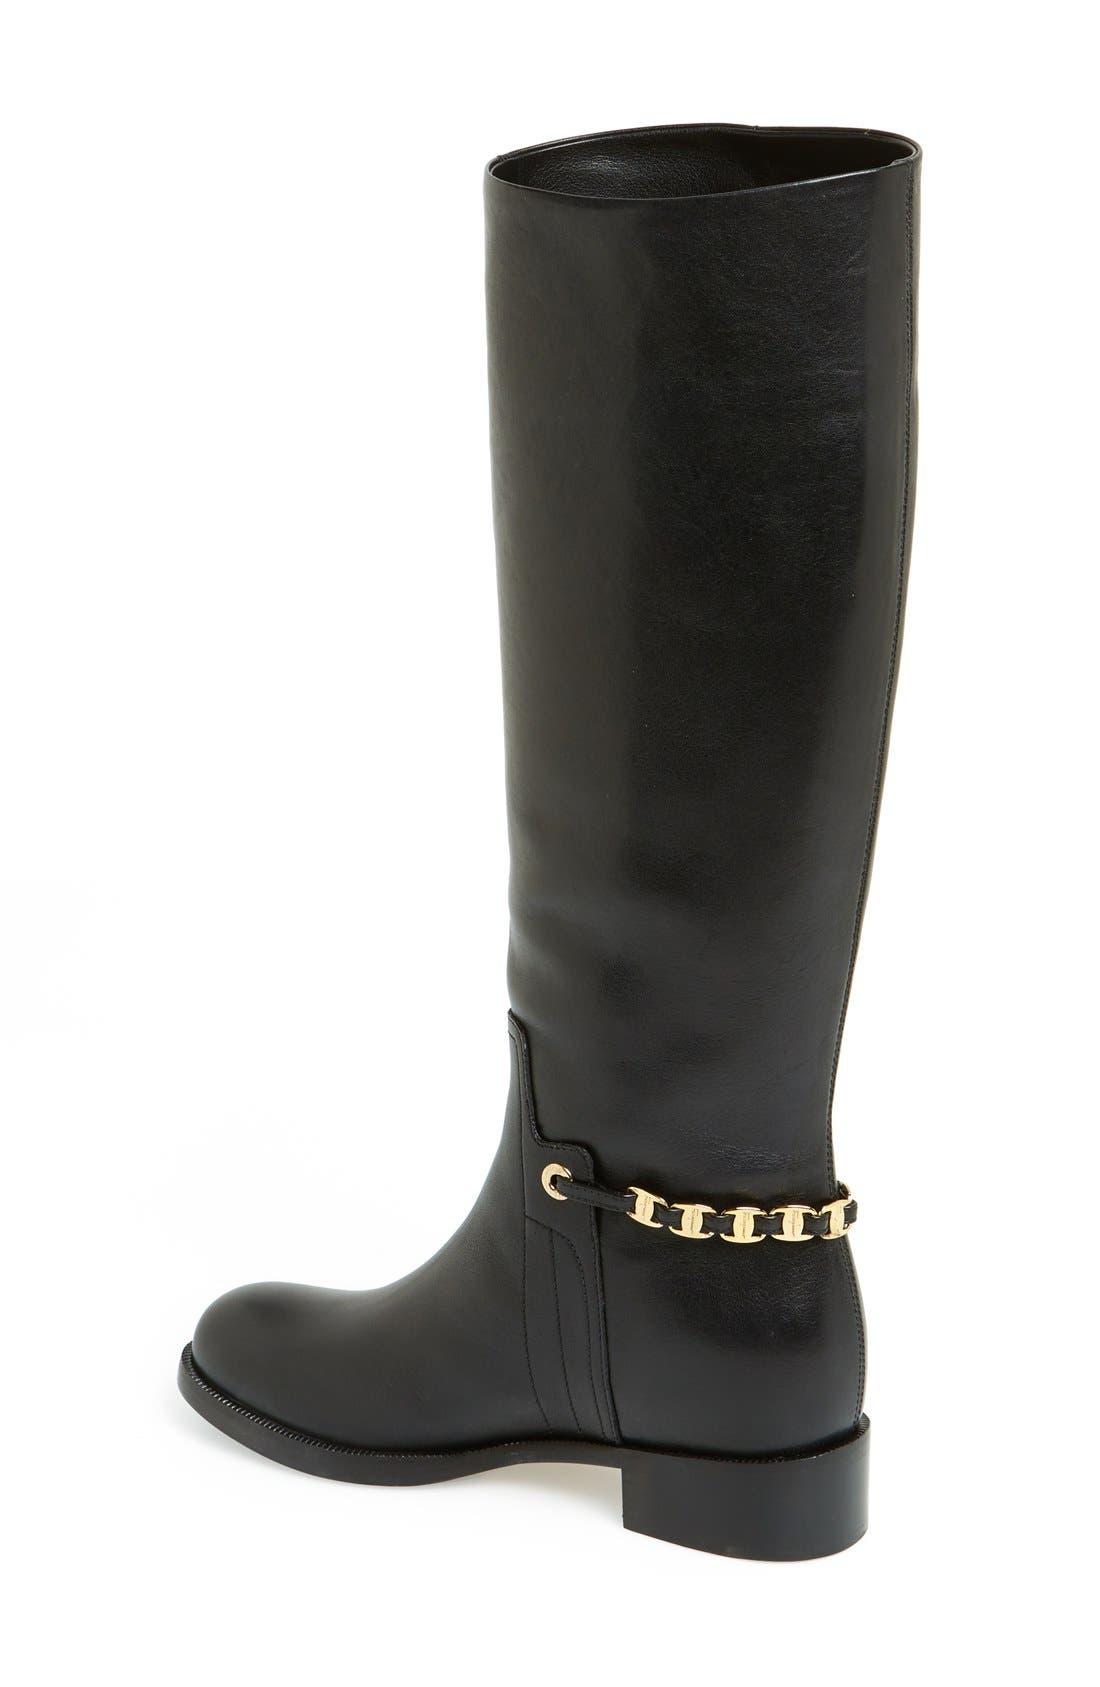 Alternate Image 2  - Salvatore Ferragamo 'Nando' Chain Trim Leather Boot (Women)